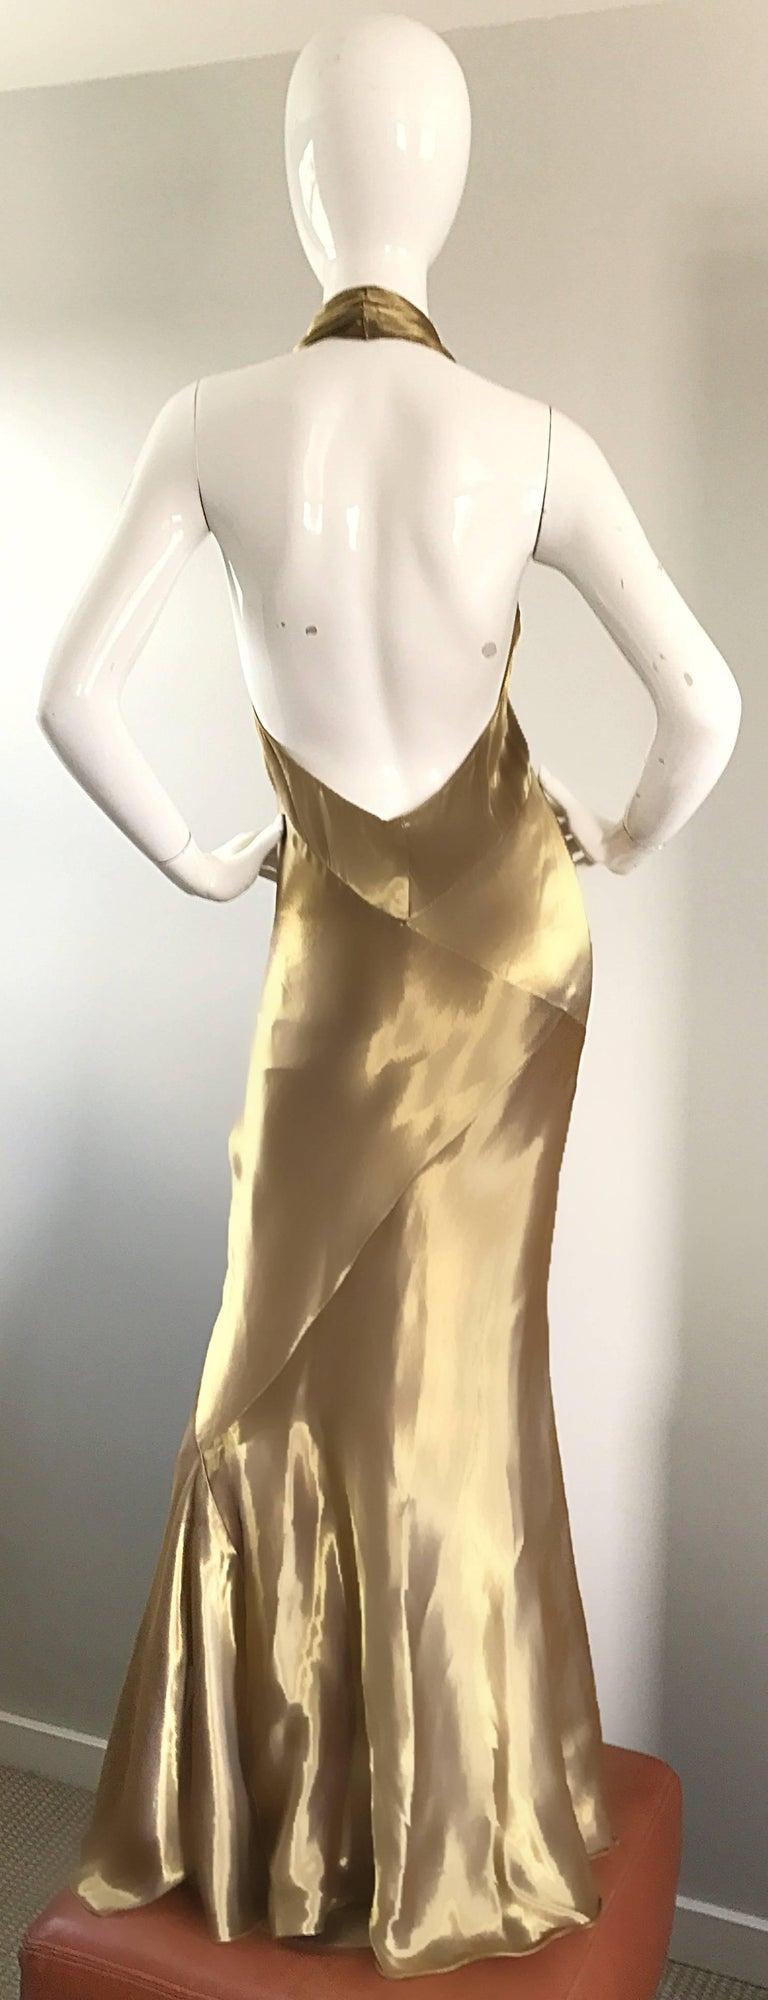 Stunning Vintage Donna Karan 1990s Liquid Gold Silk Plunging 90s Halter Gown For Sale 3